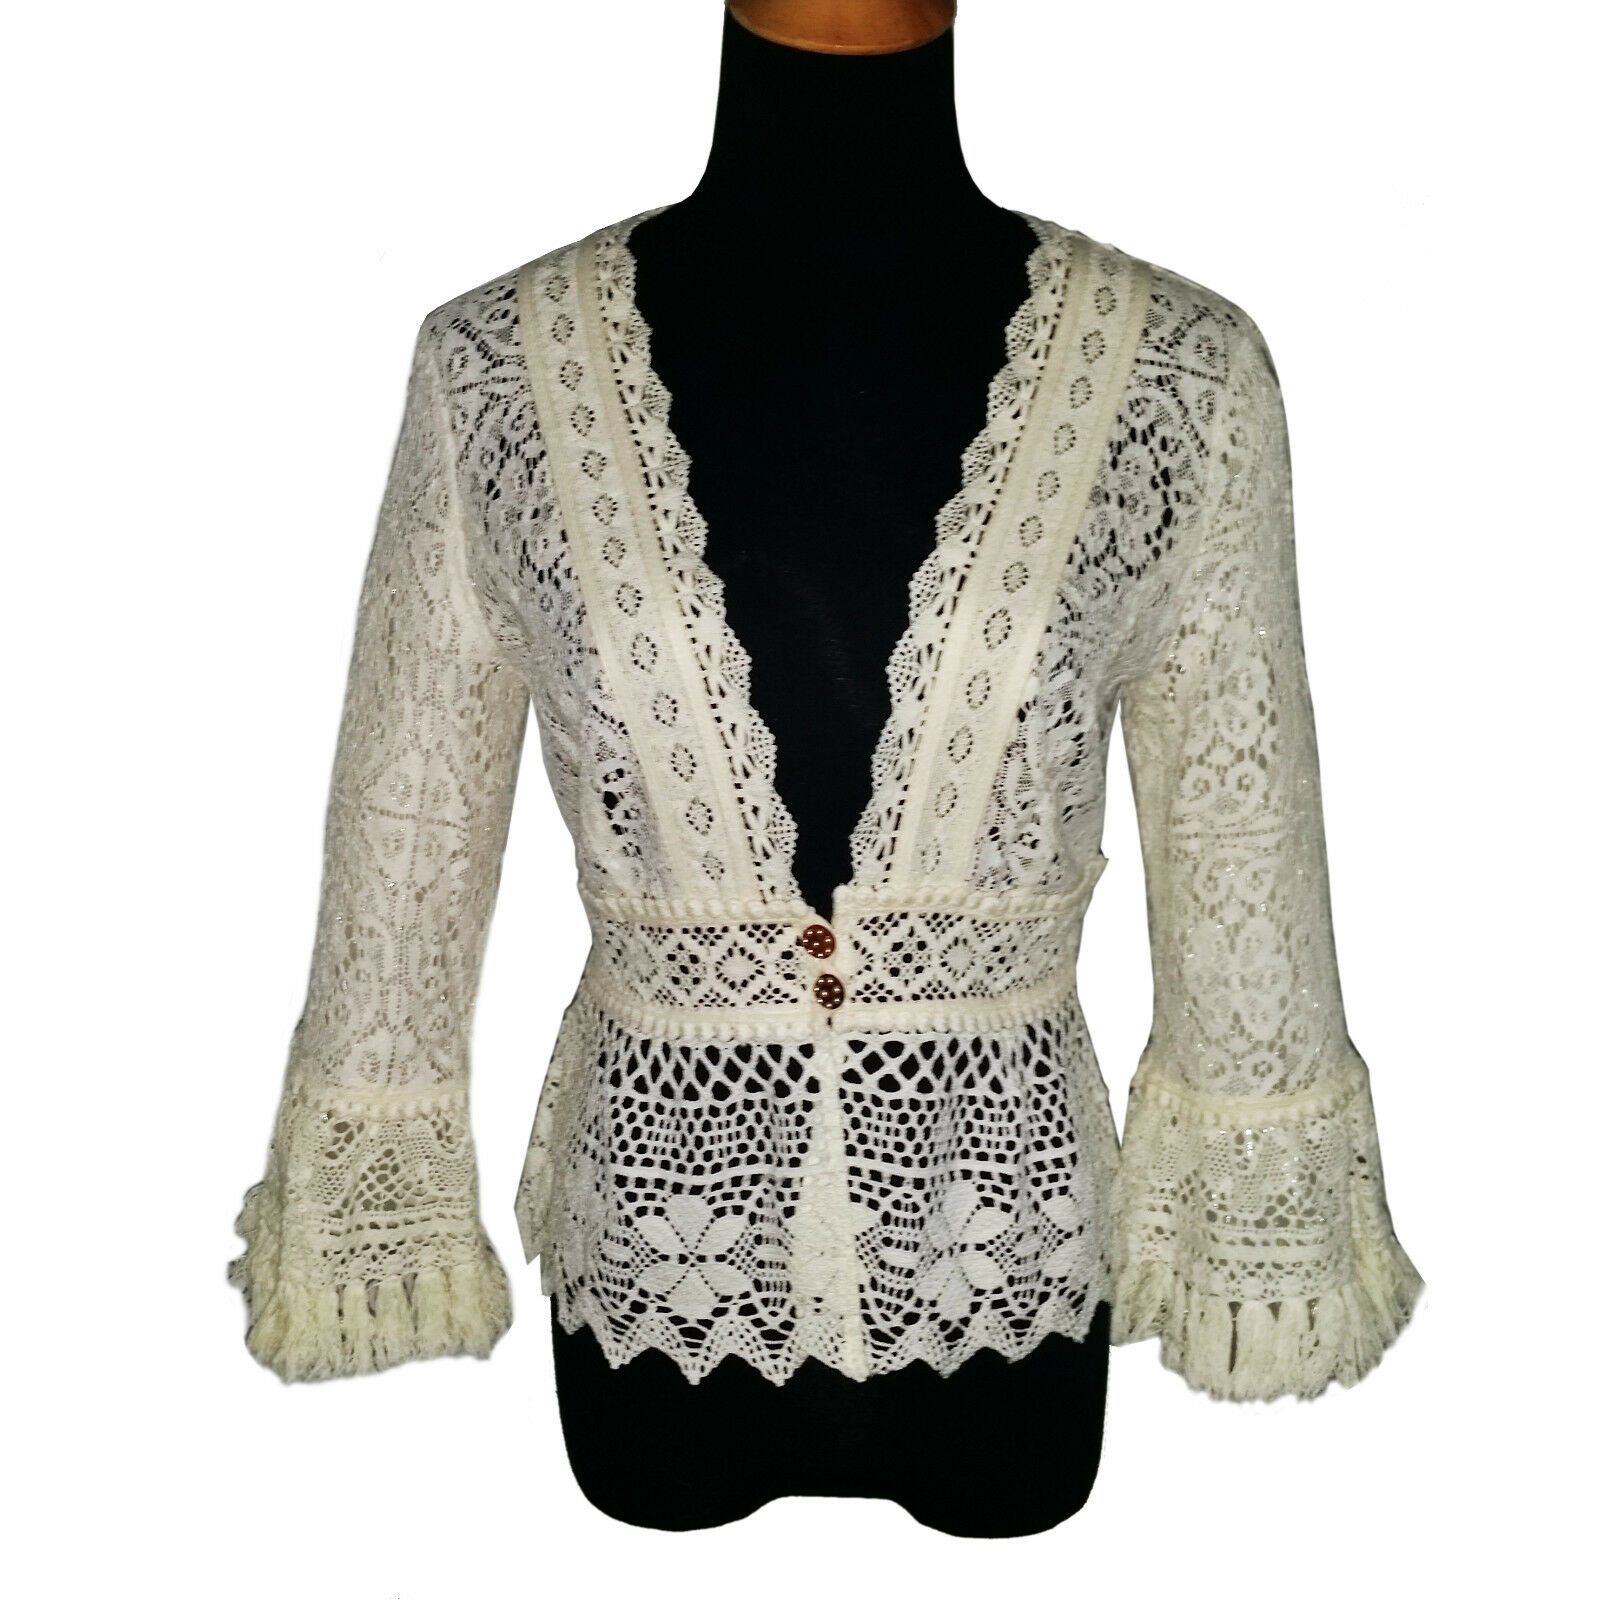 Nanette Lepore  Off Weiß Cotton Lace Top Sz 10